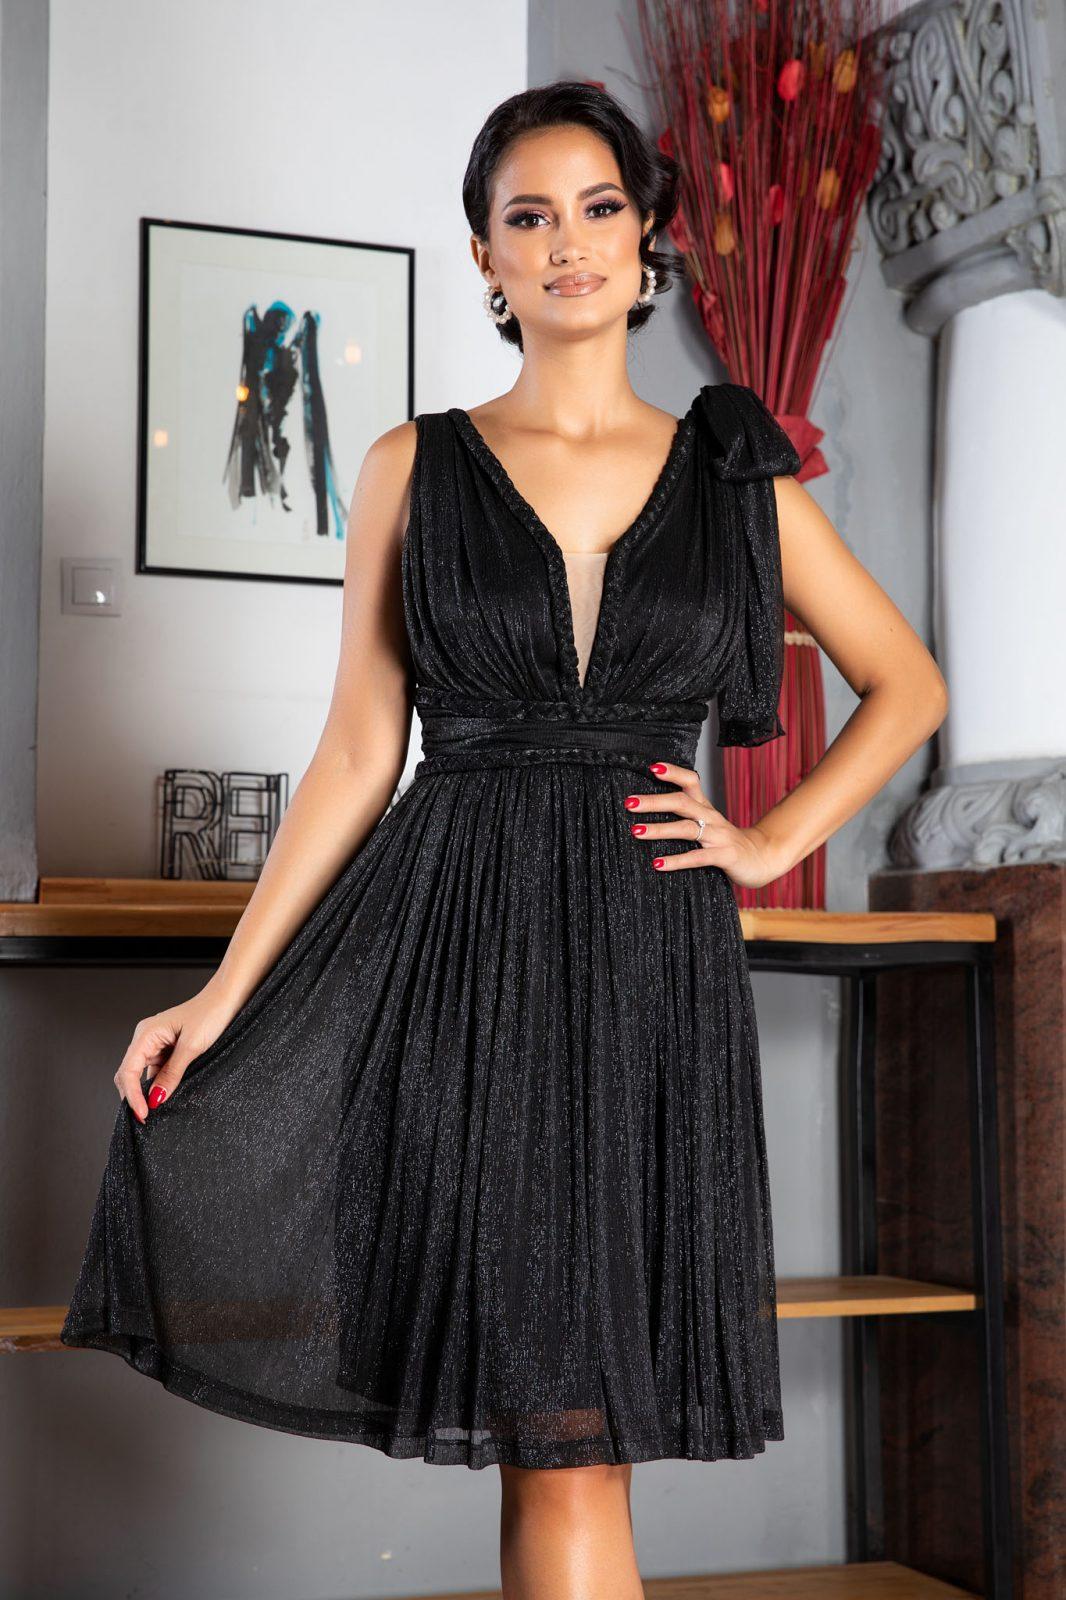 La Donna Deea Black Dress